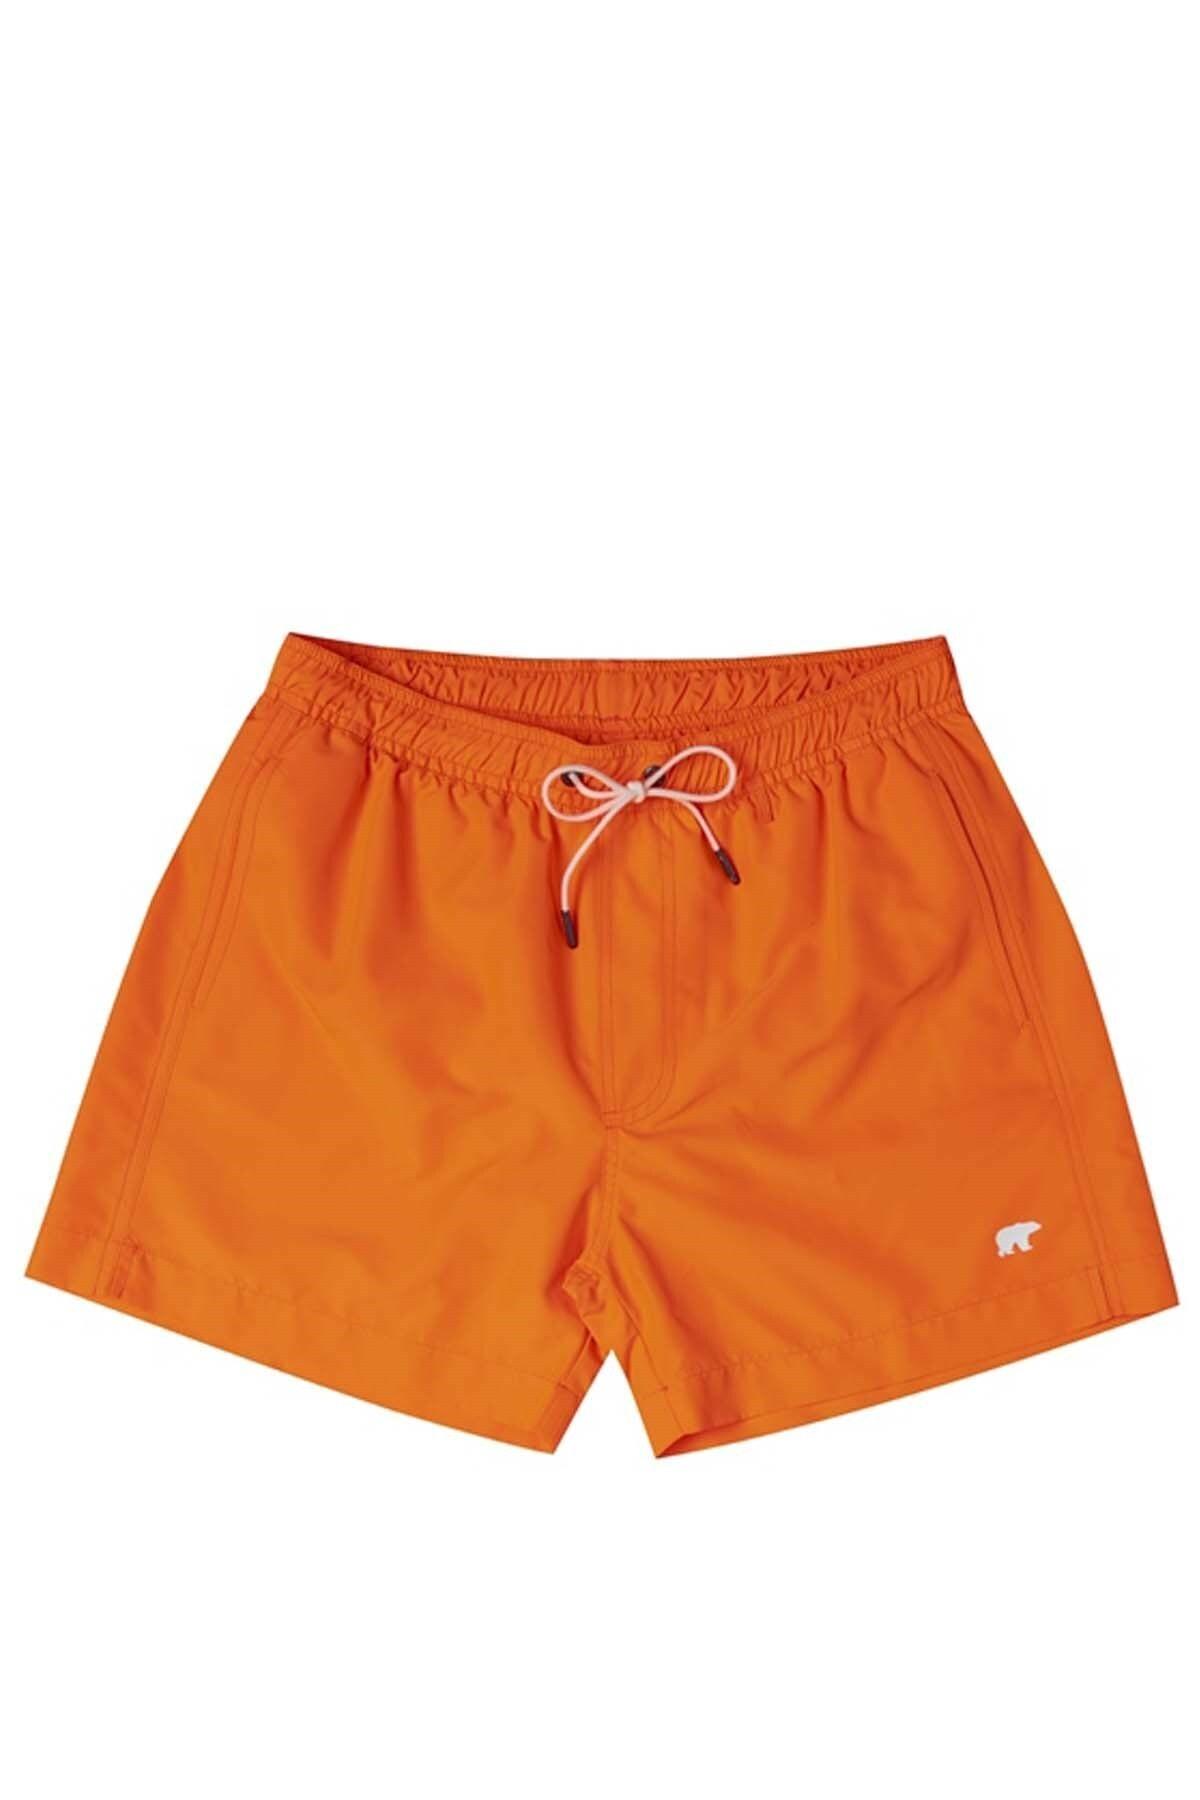 Bad Bear Davenport Neon Erkek Deniz Şortu 18.01.09.008n. Orange 1